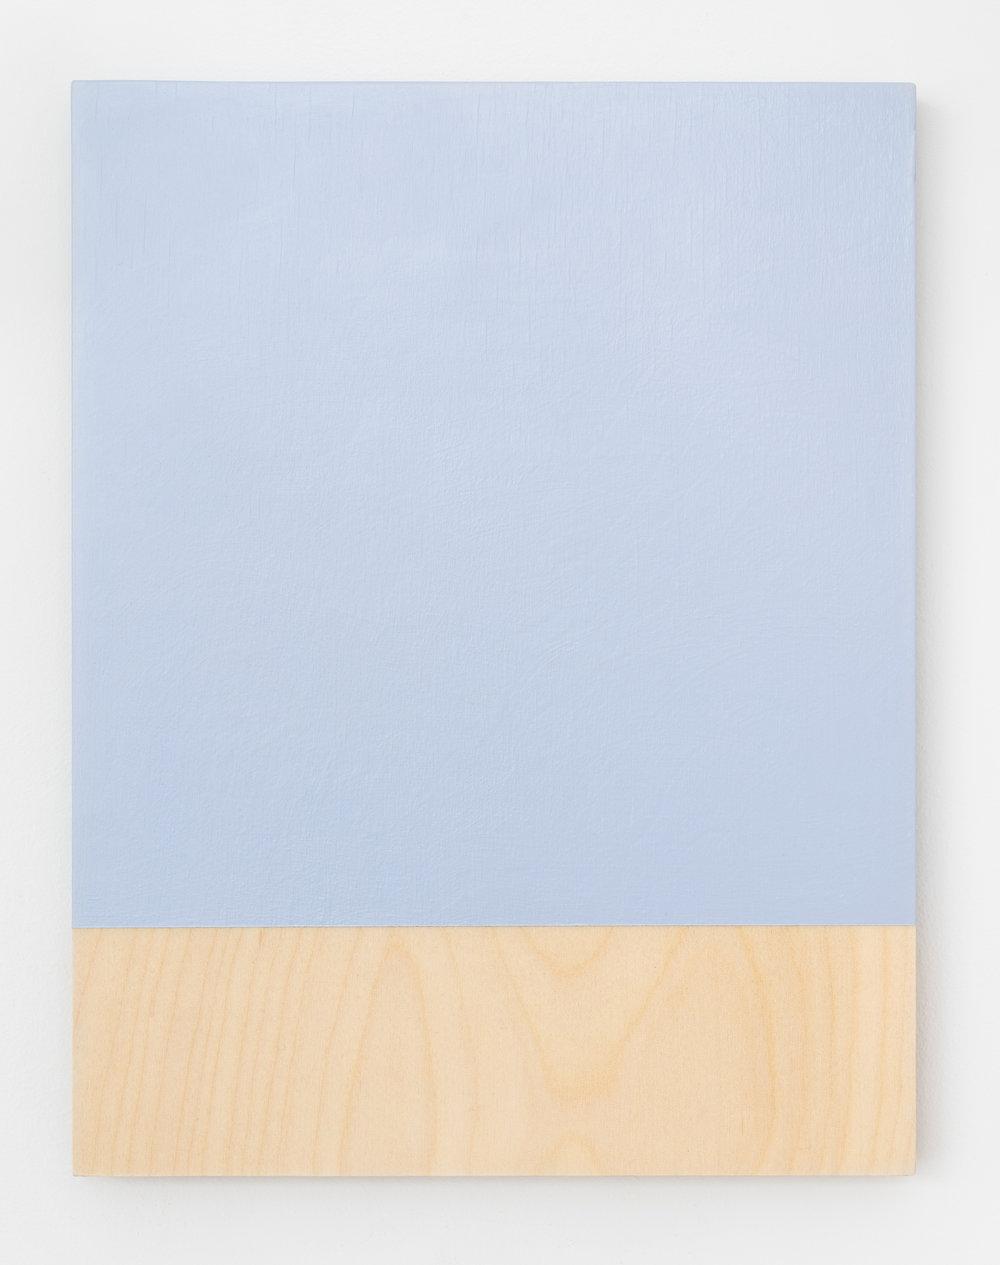 """Guy Pellerin,  484– la couleur des lieux, Lisbonne   (détail),  2018, acrylic on plywood, 11"""" x 8.5"""" (28 x 22 cm)"""